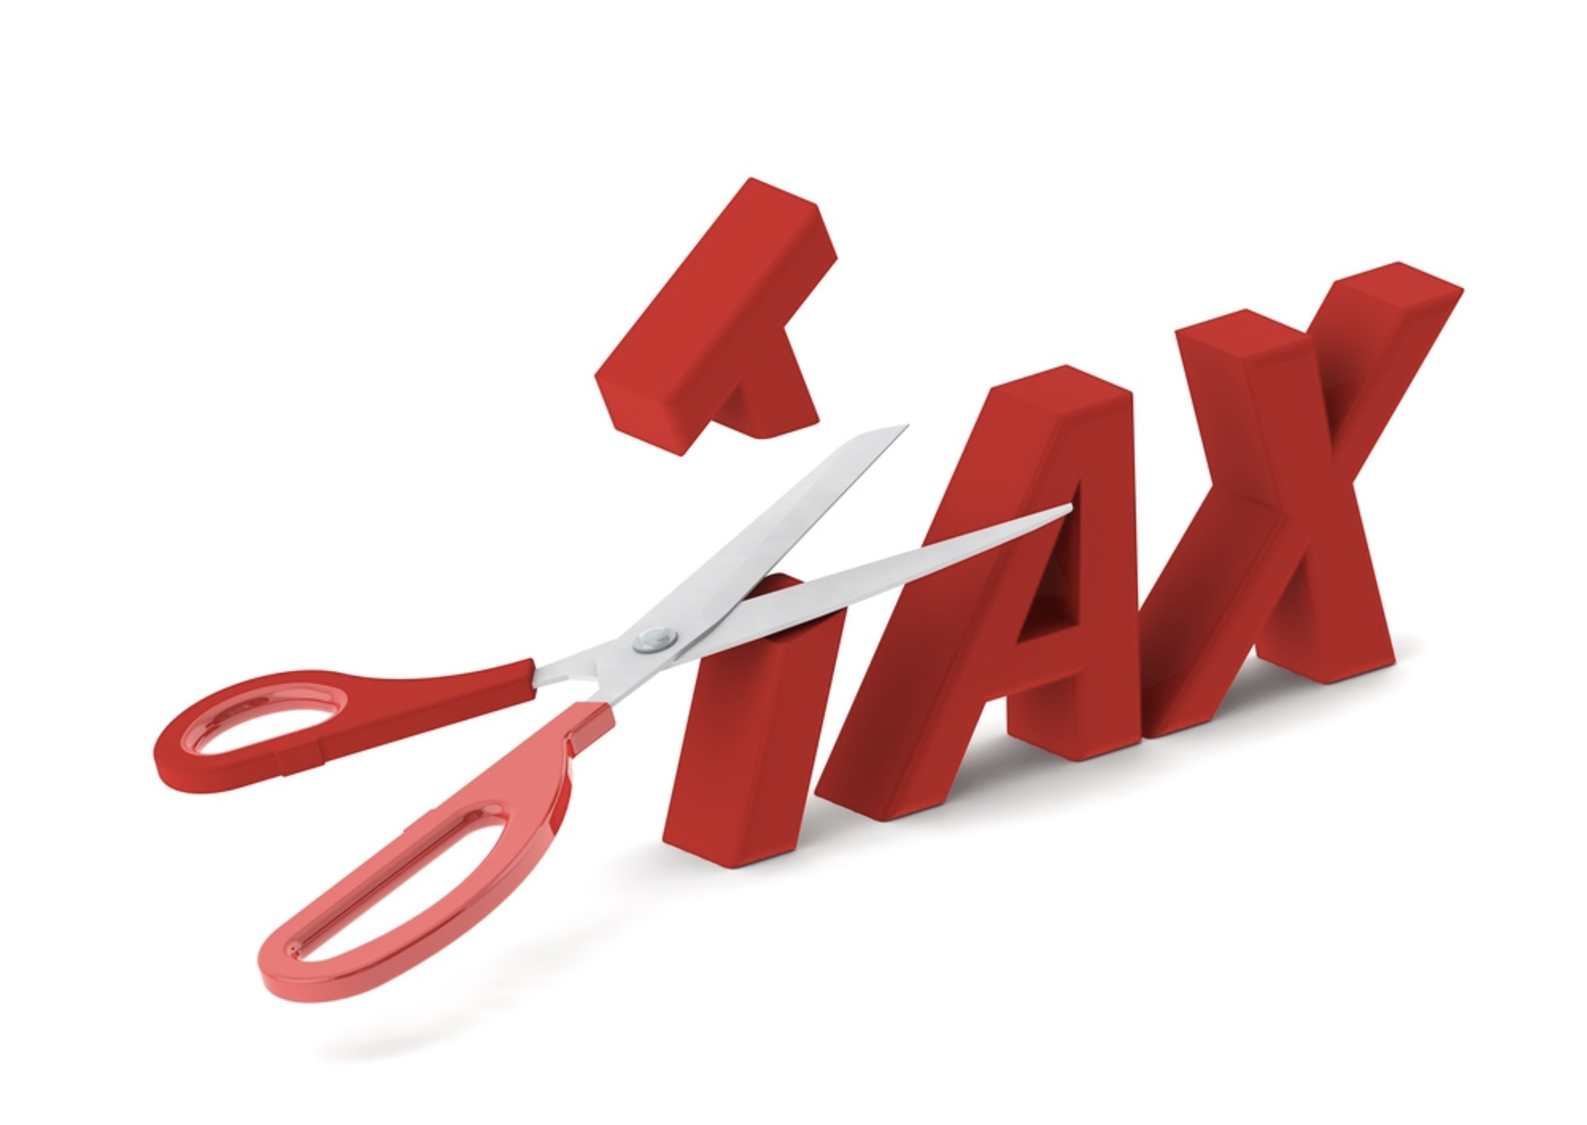 Trump Tax Reform Bill 2017 >> Trump's 3-month borrowing extension endangers tax cut plan